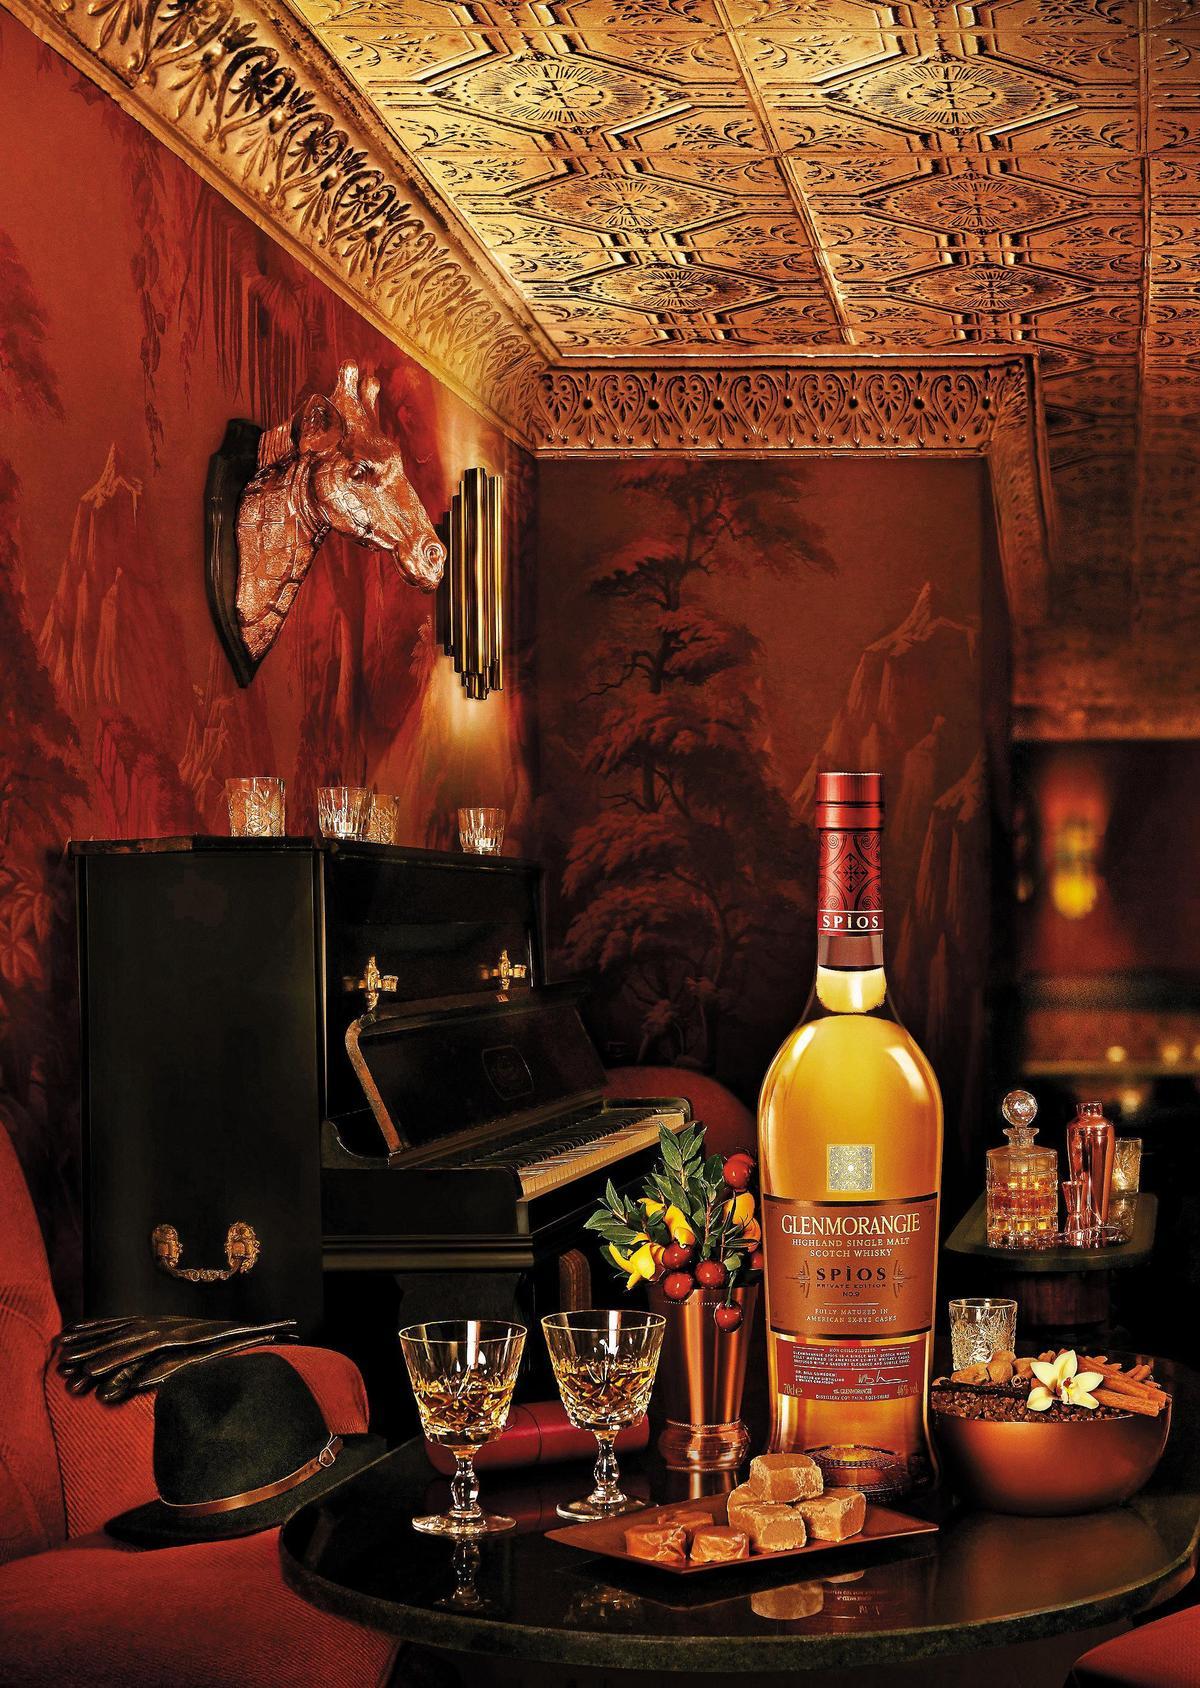 格蘭傑私藏系列第9款Spìos「辛香」,搶在春酒期間上市,犒賞回饋酒友的用心不言可喻。